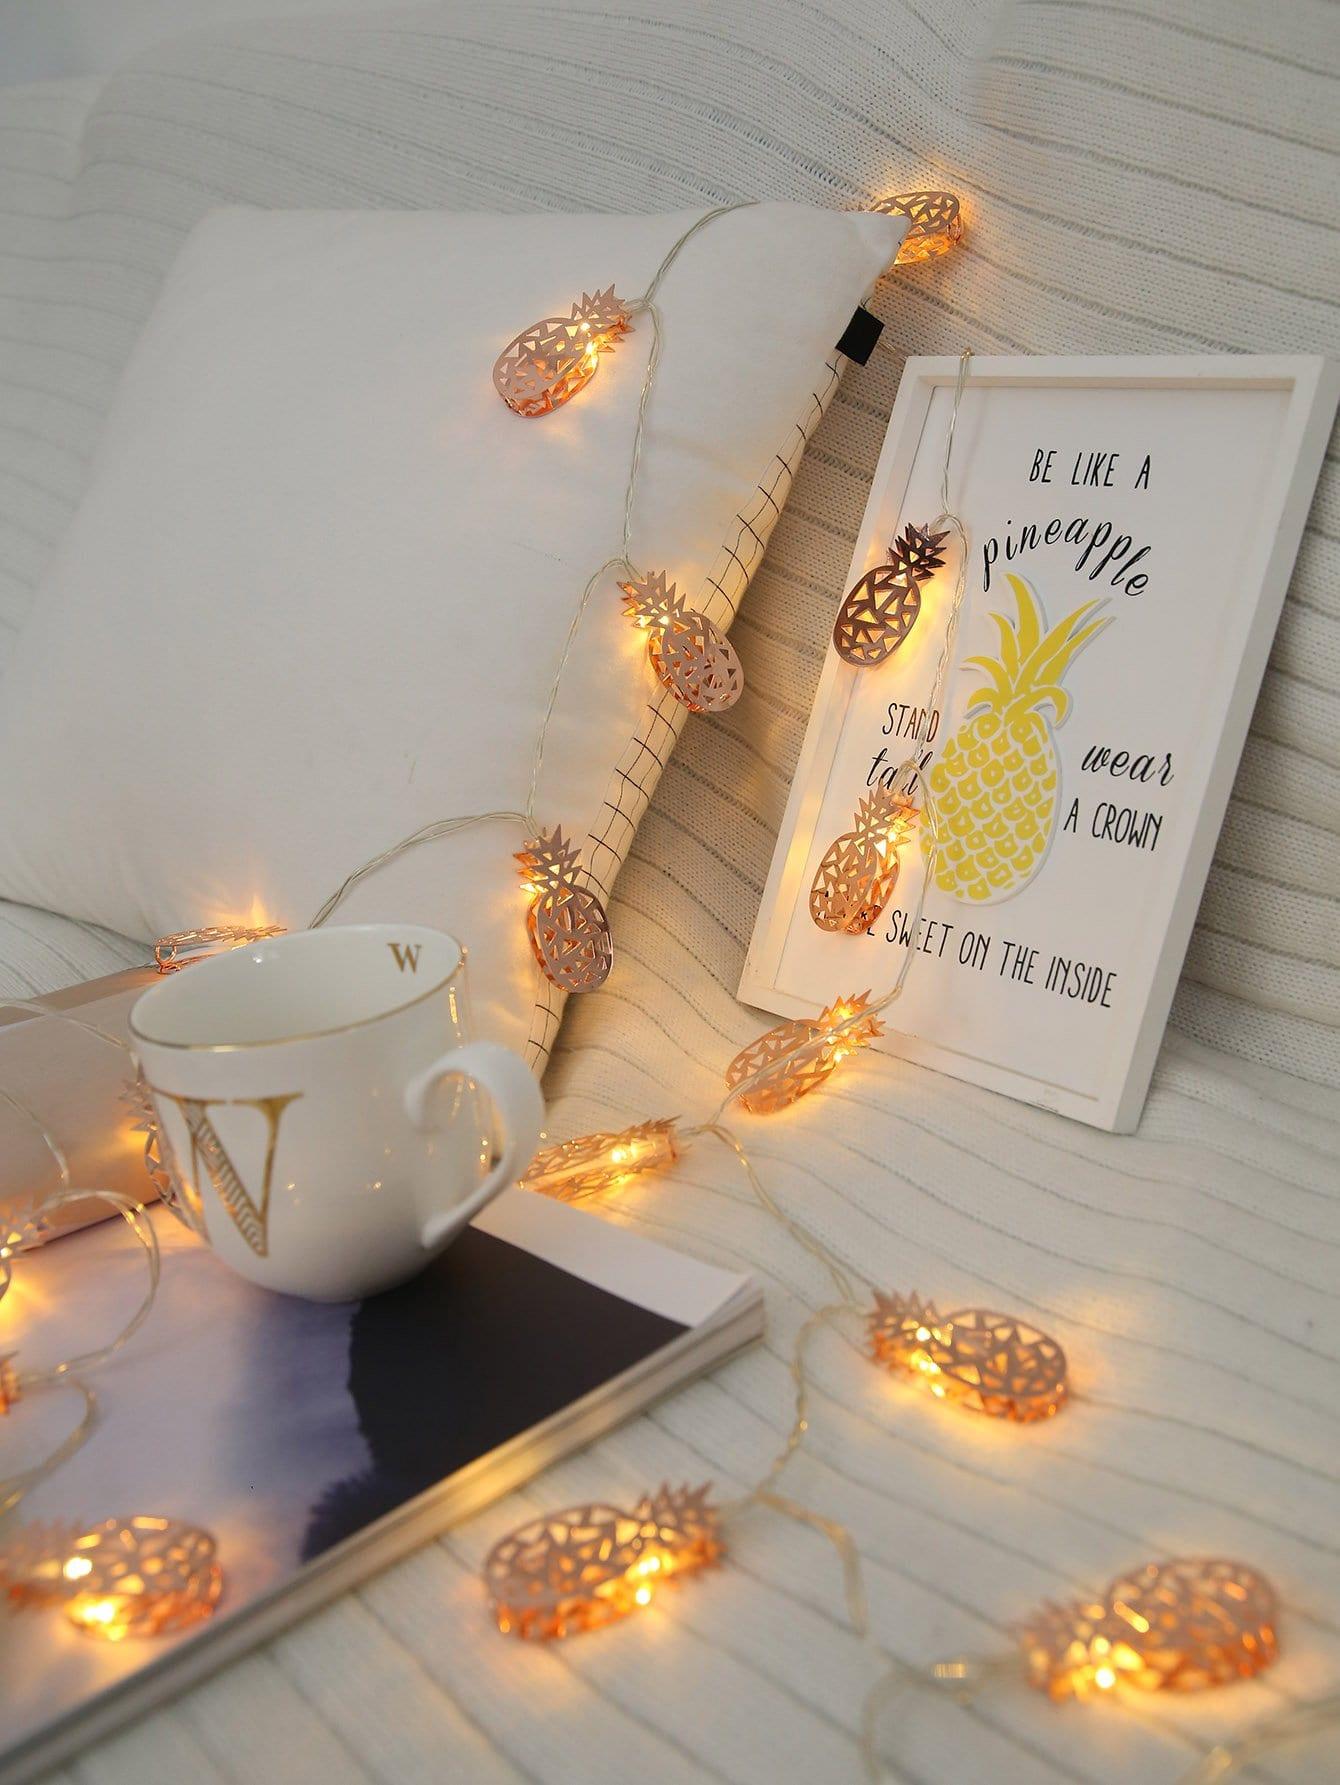 20pcs Pineapple Bulb String Light